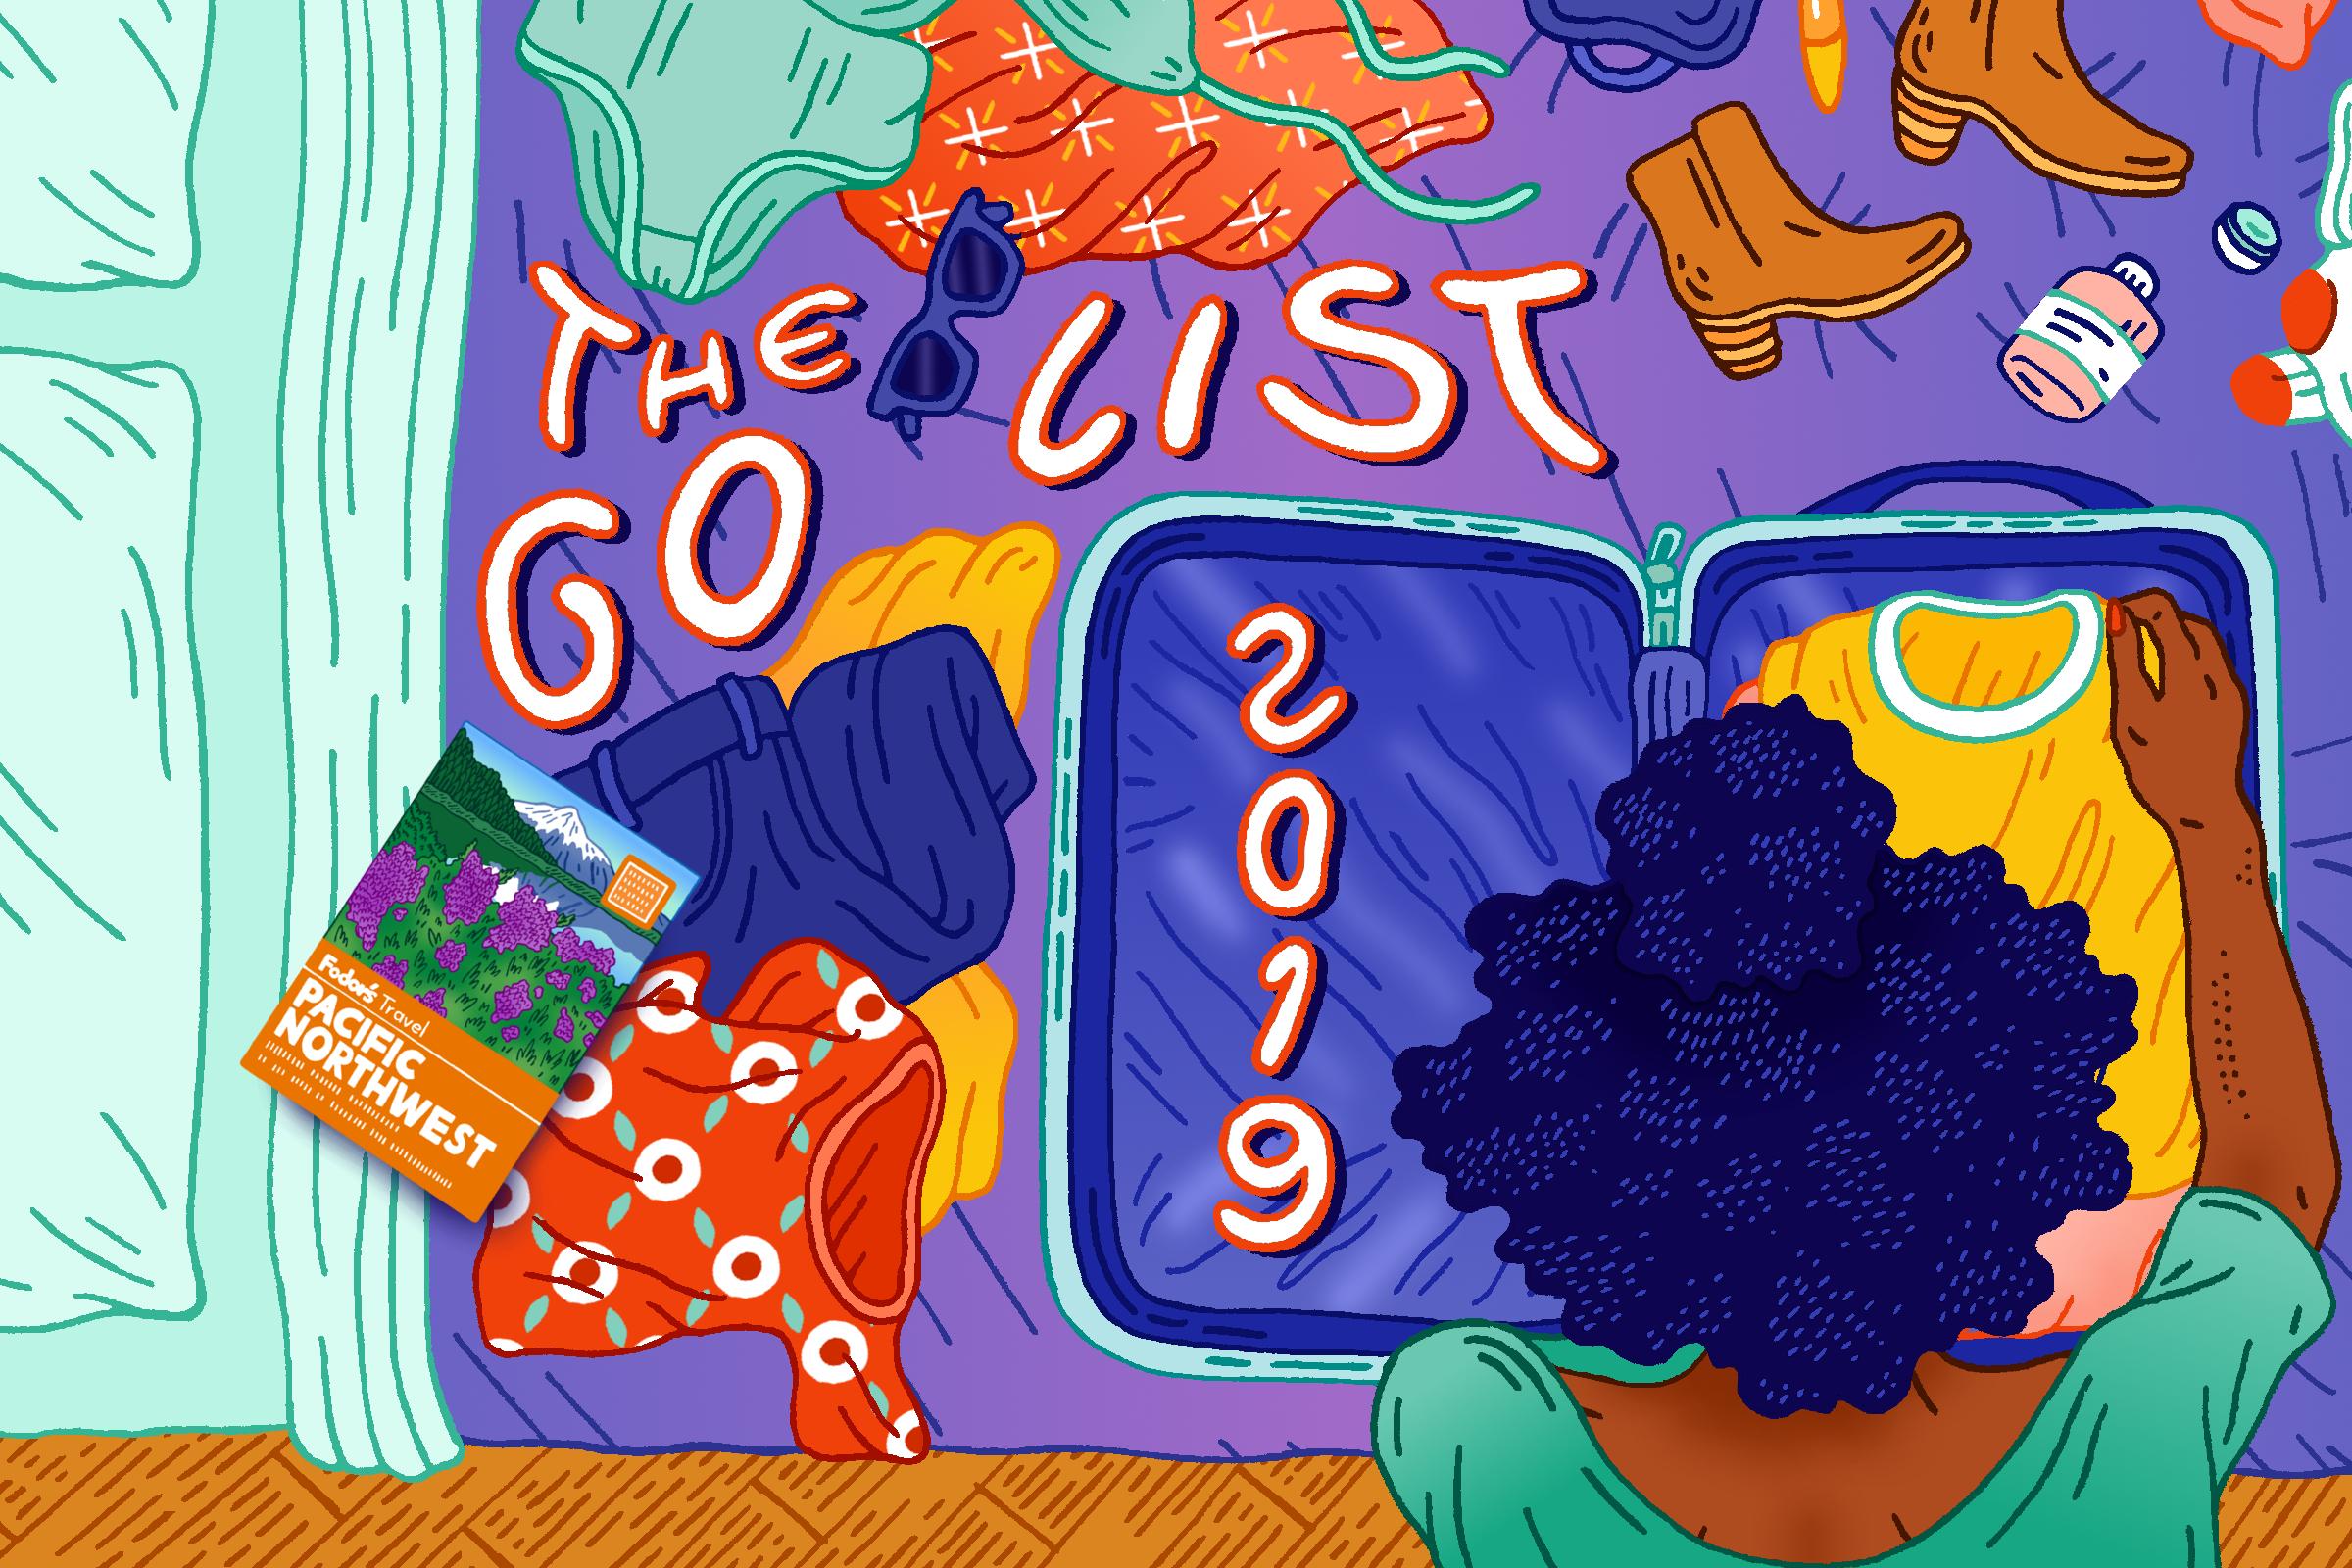 Go List Final Color.jpg